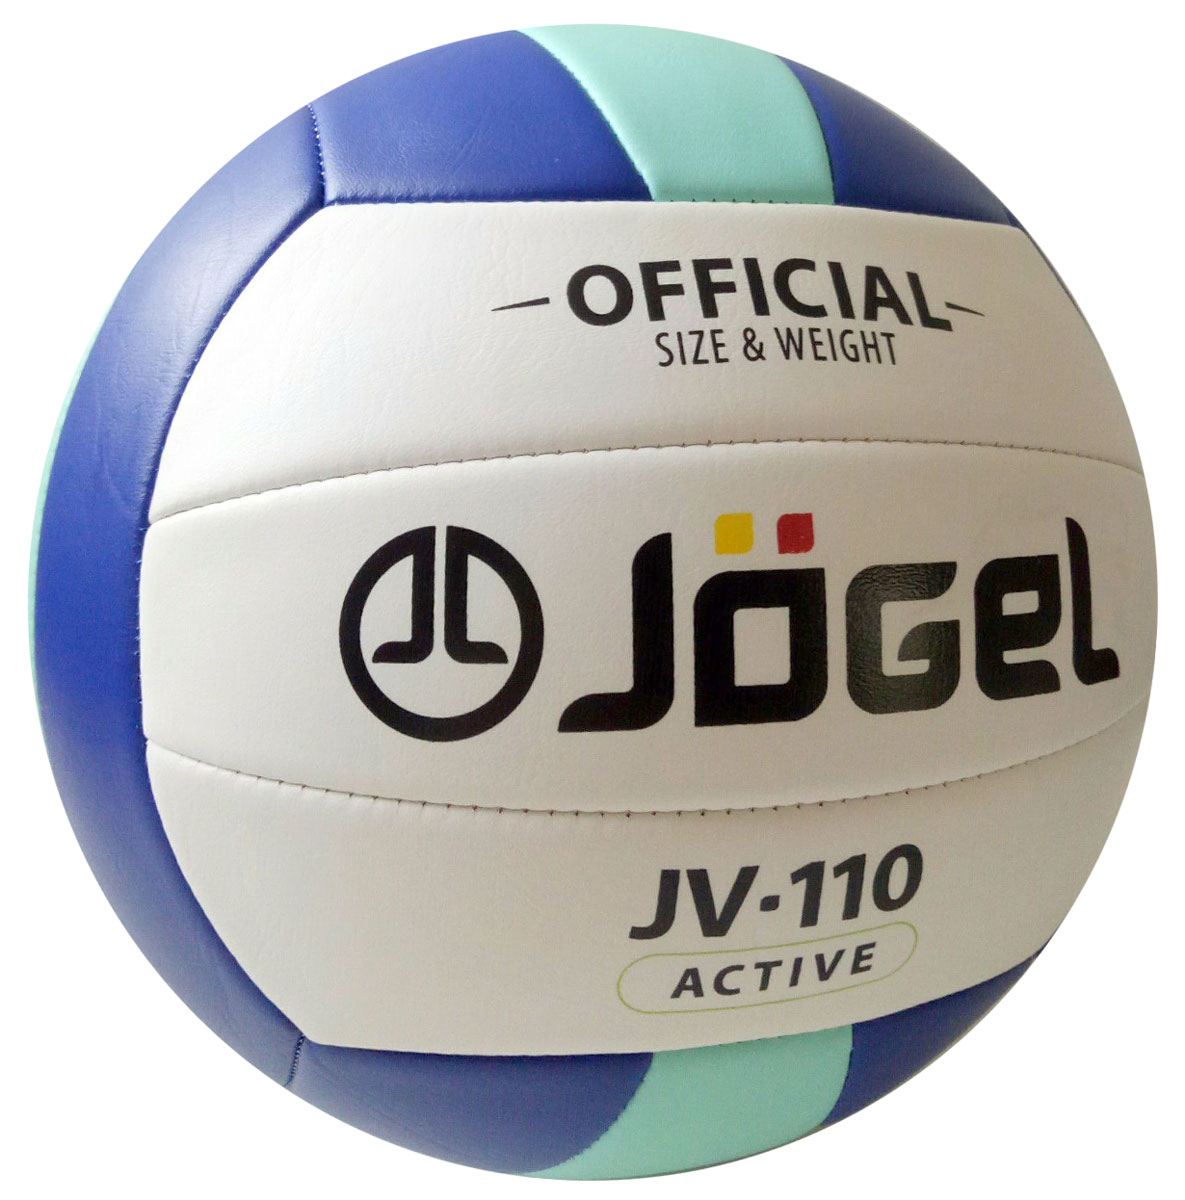 Мяч волейбольный Jogel, цвет: синий, мятный. Размер 5. JV-110УТ-00009280Волейбольный мяч Jogel хорошо подойдет для любительской игры и тренировок. Покрышка мяча выполнена из синтетической кожи (поливинилхлорид), которая обладает хорошей износостойкостью и отличными игровыми характеристиками.Мяч состоит из 18 сшитых панелей. Мяч оснащен камерой из бутила и армирован подкладочным слоем из ткани. Вес: 260-280 гр.Длина окружности: 65-67 см.Рекомендованное давление: 0.29-0.32 бар.УВАЖАЕМЫЕ КЛИЕНТЫ!Обращаем ваше внимание на тот факт, что мяч поставляется в сдутом виде. Насос в комплект не входит.